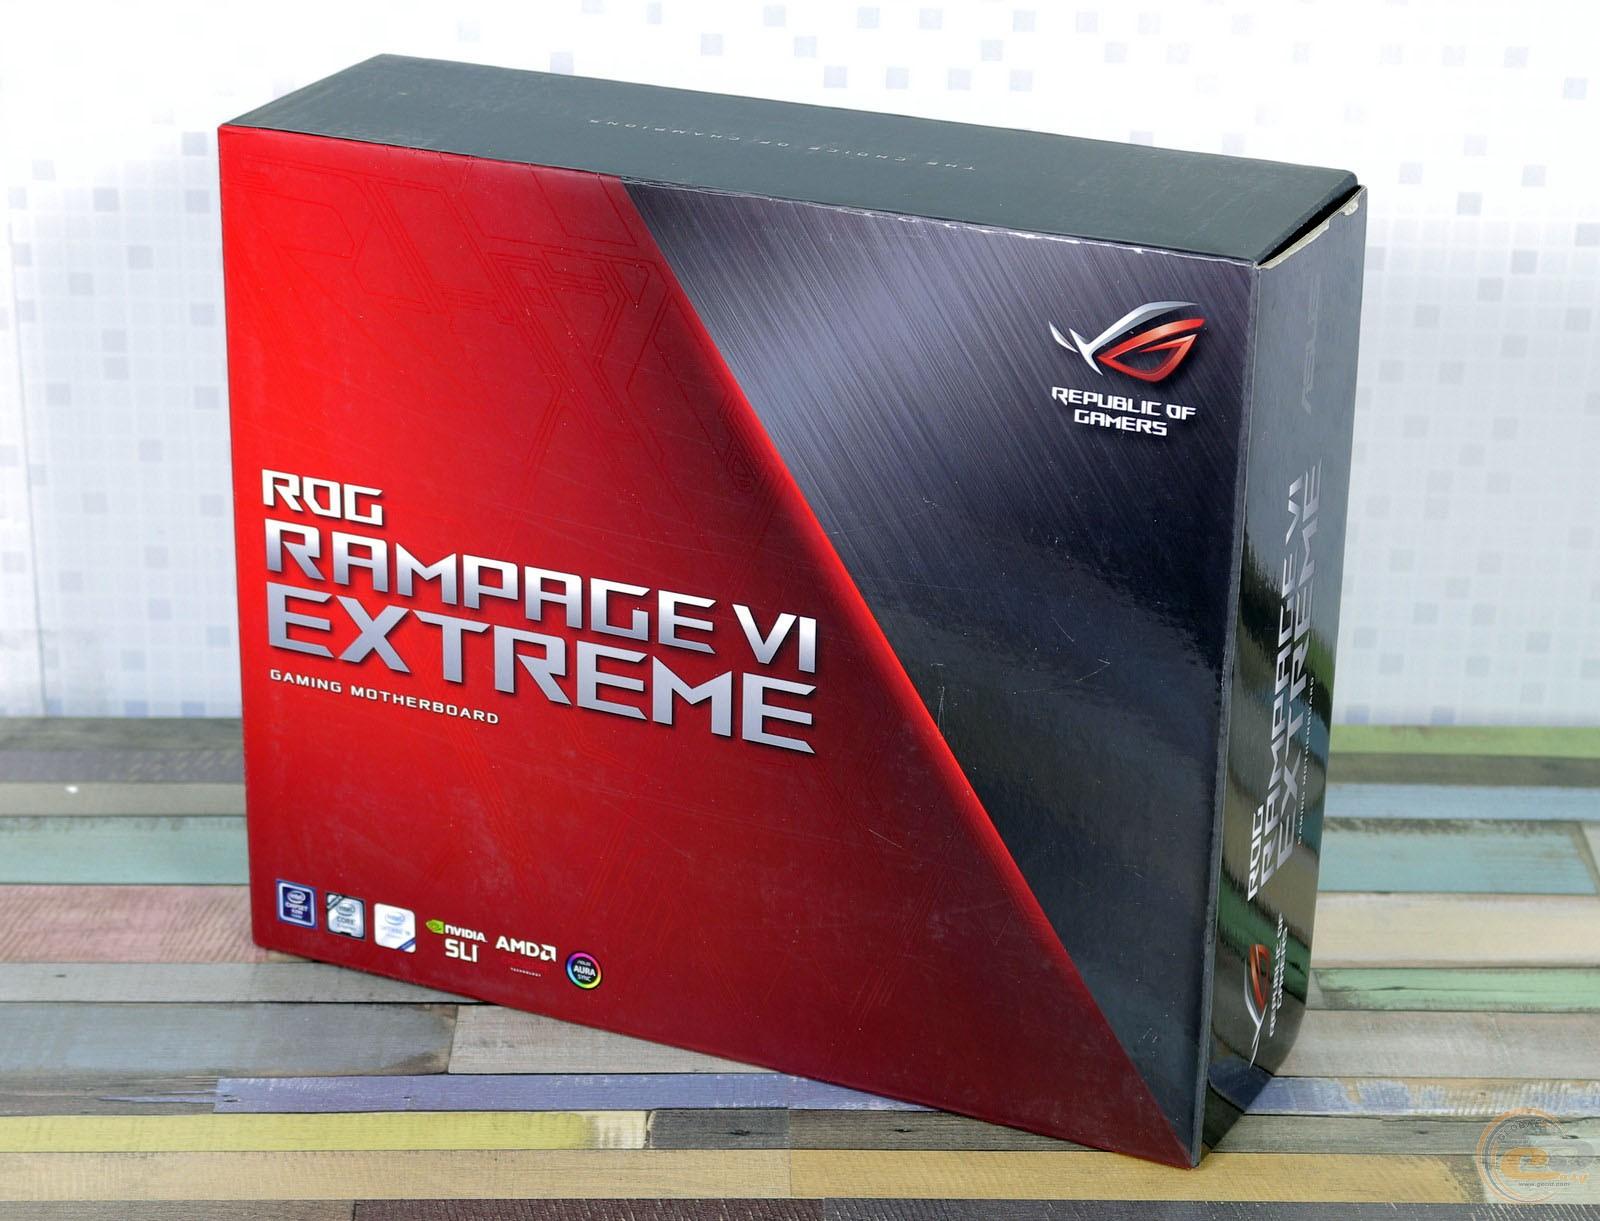 ASUS ROG RAMPAGE VI EXTREME упаковка